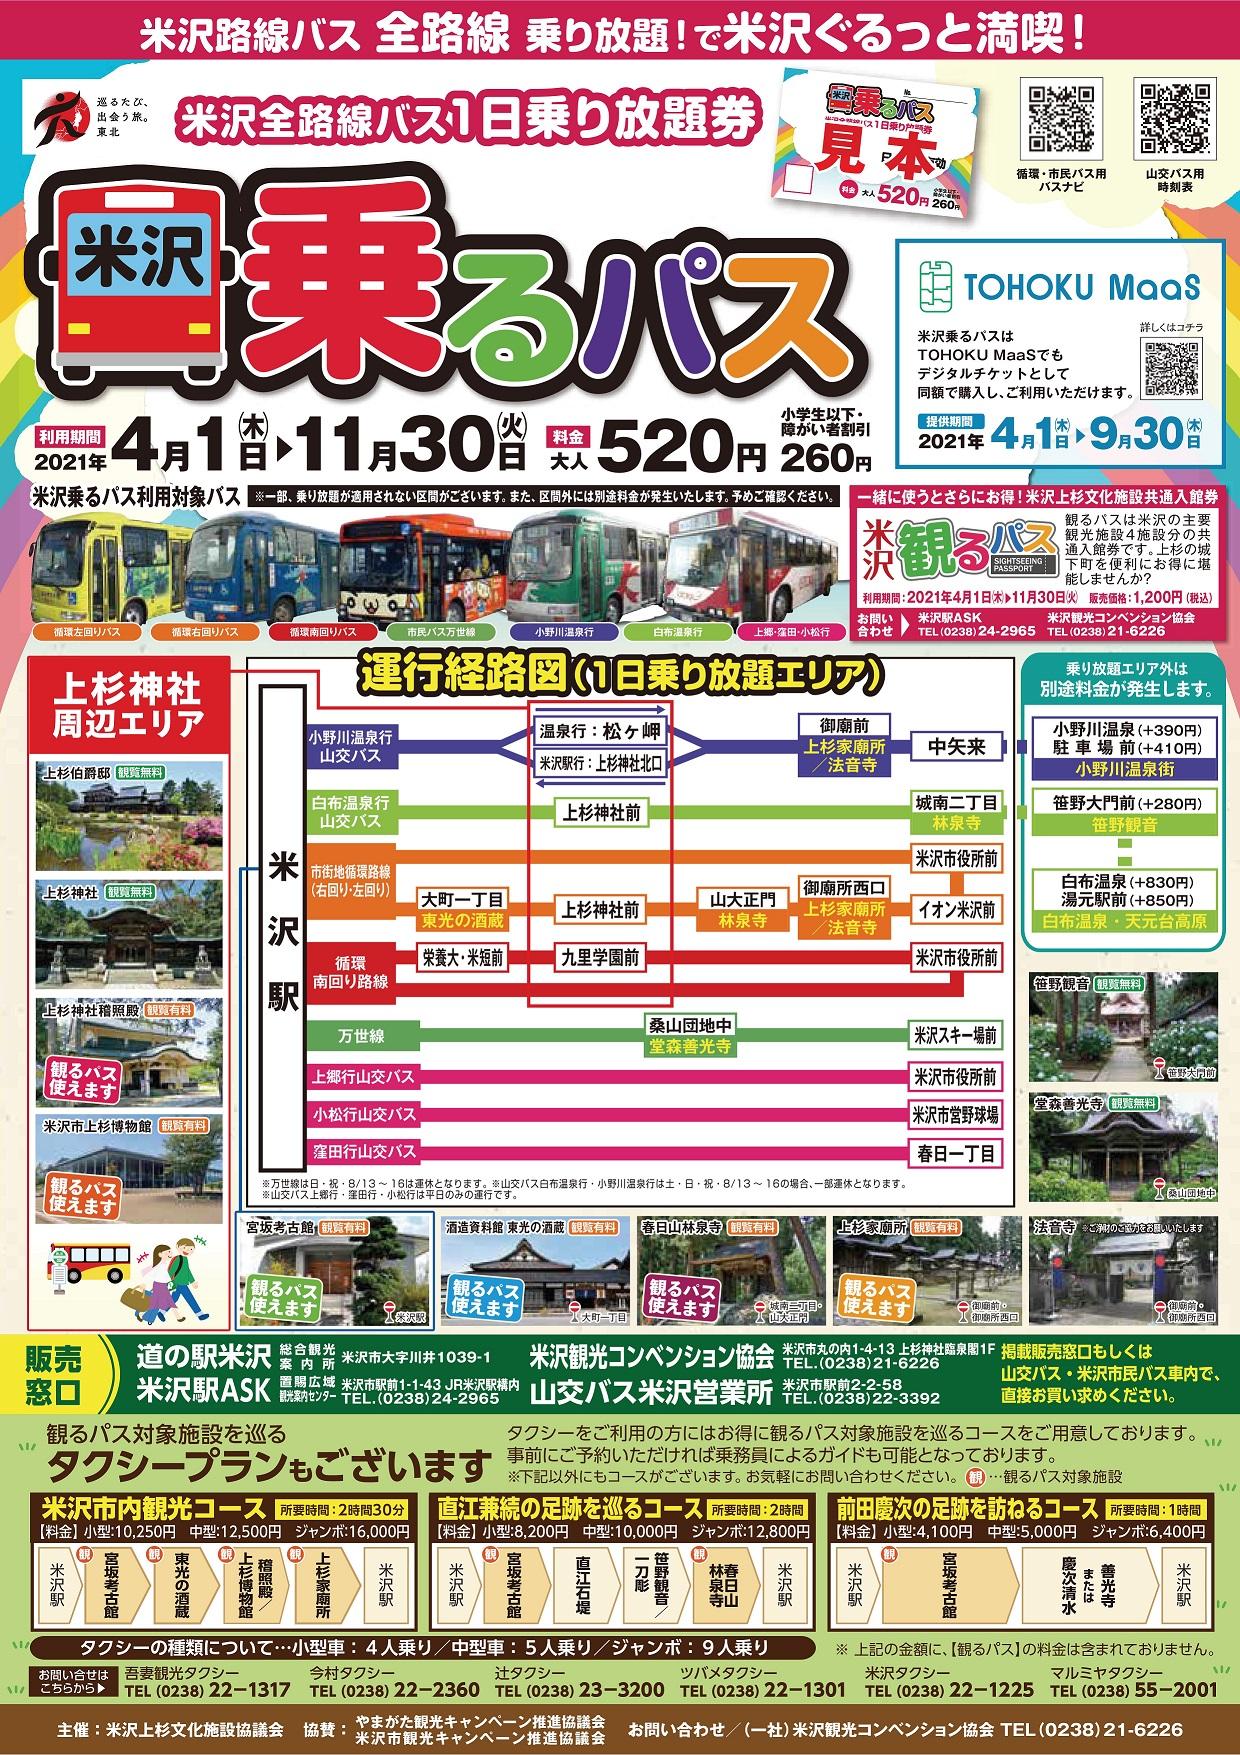 米沢乗るパス(米沢市内全路線バス1日乗り放題券)4月1日より販売!:画像